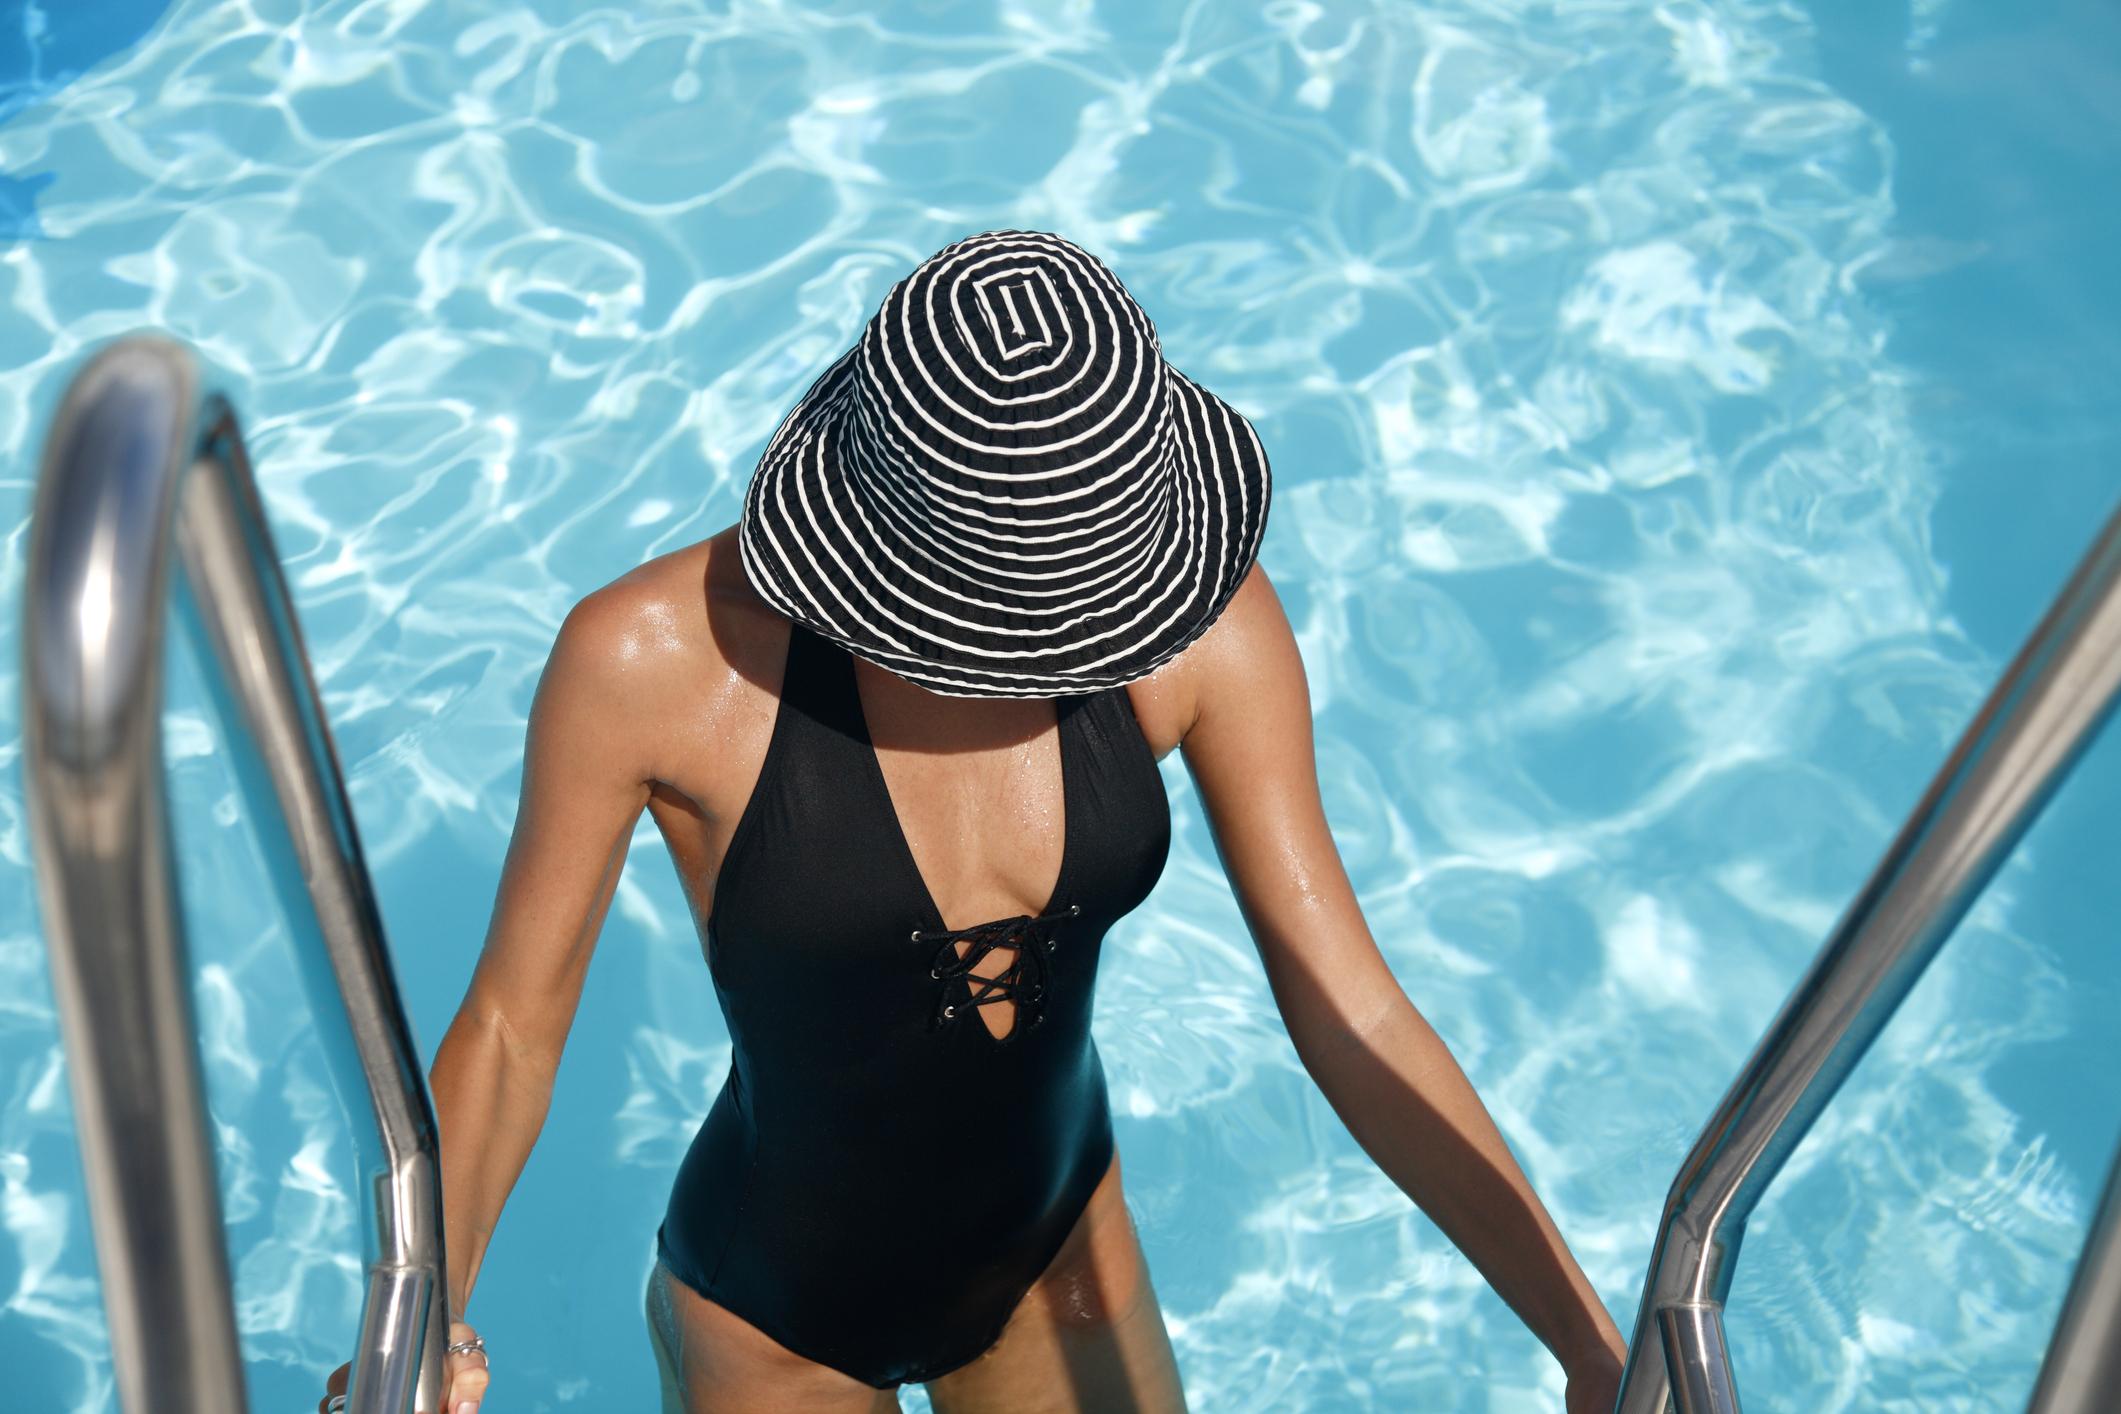 <p>Френските дами обичат да носят черен, цял бански, когато ходят на плаж. Разбира се, те обичат и бикините, но този стил е класическият.&nbsp;</p>